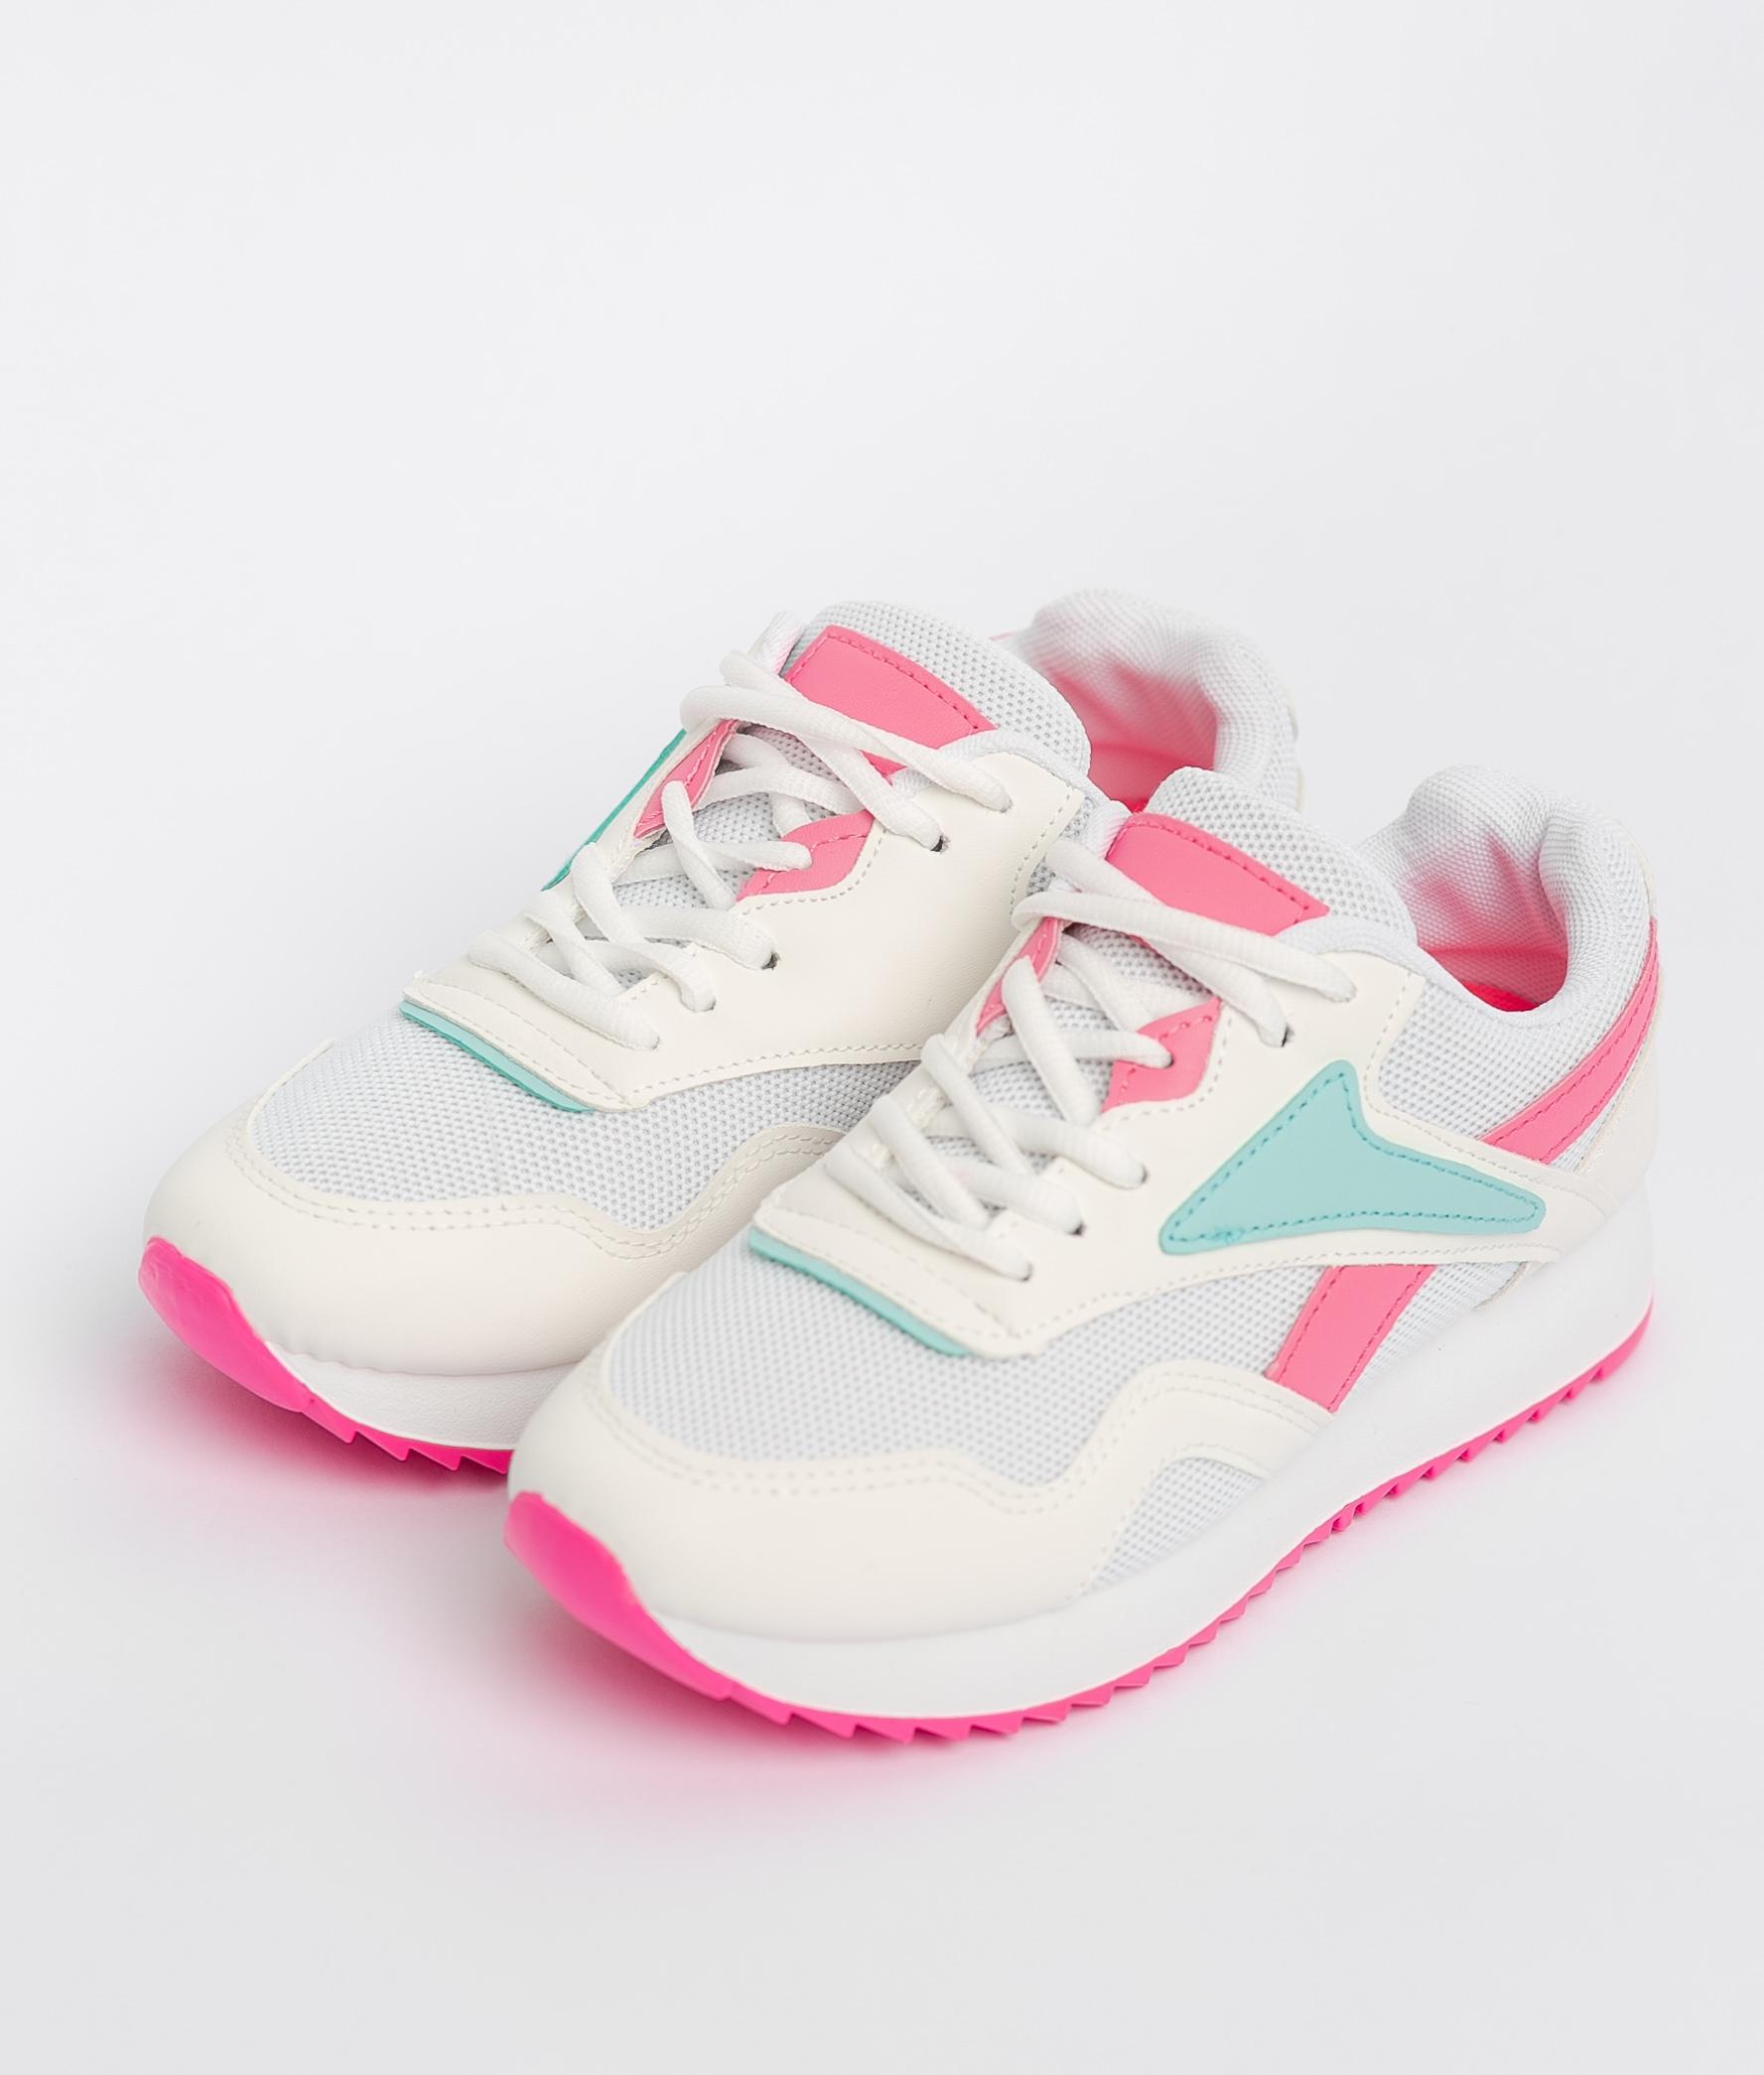 Sneakers Rame - Branco/Fúcsia